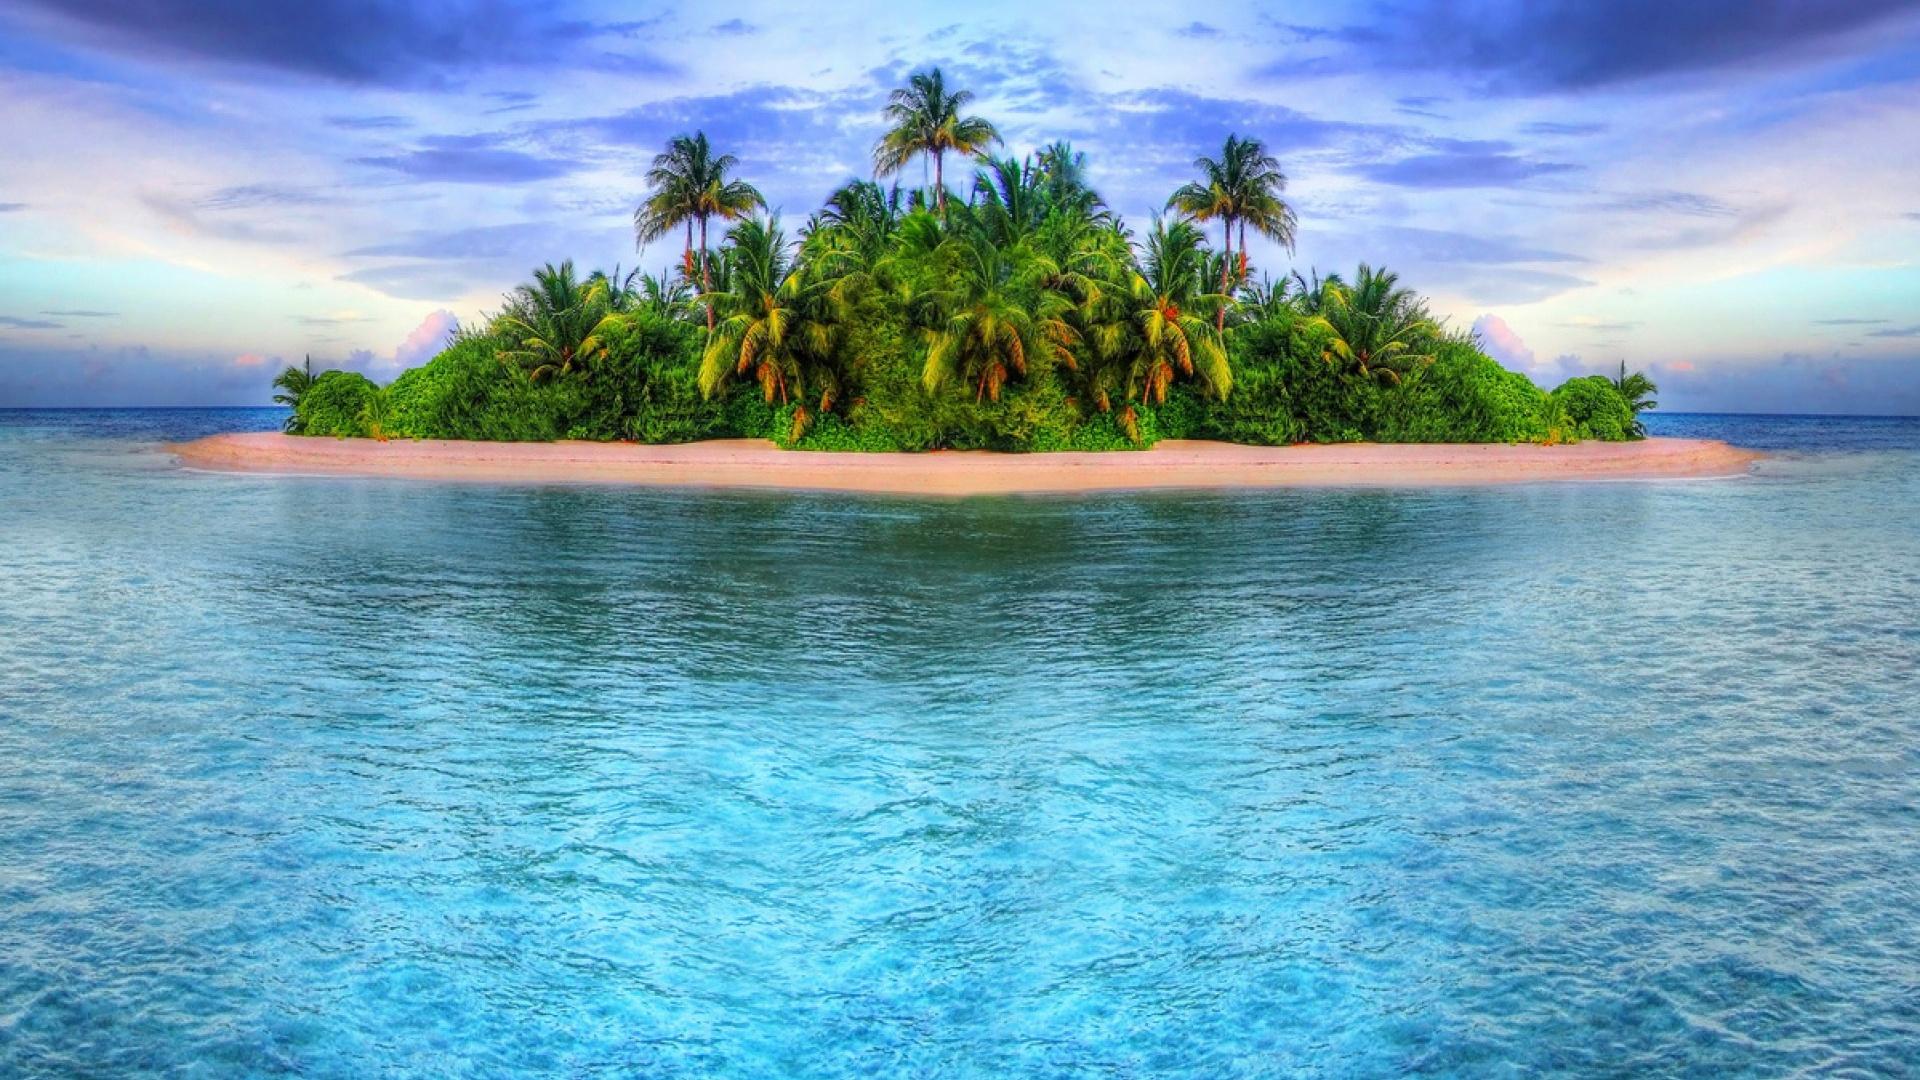 Tropical Wallpaper 1920x1080 wwwpixsharkcom   Images 1920x1080